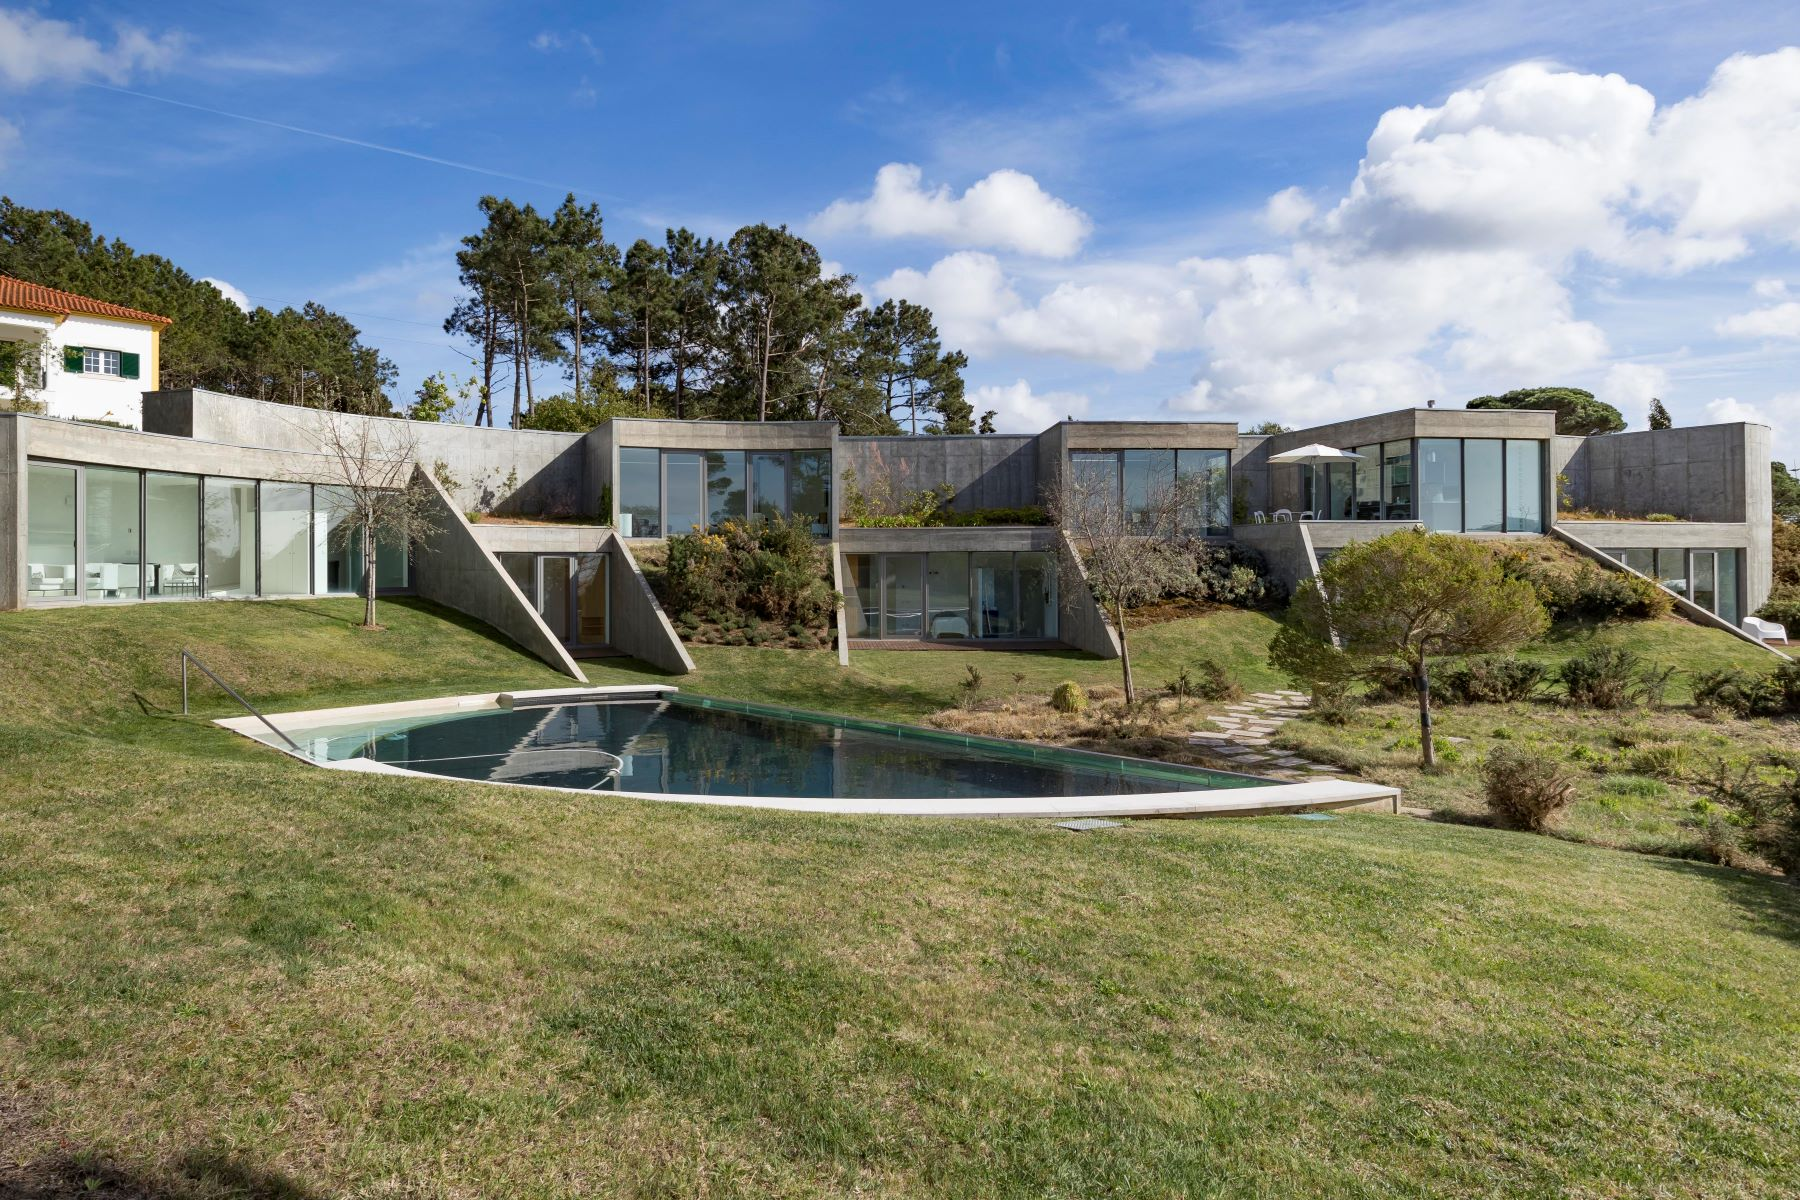 Single Family Homes for Sale at Detached house, 4 bedrooms, for Sale Caldas Da Rainha, Leiria Portugal